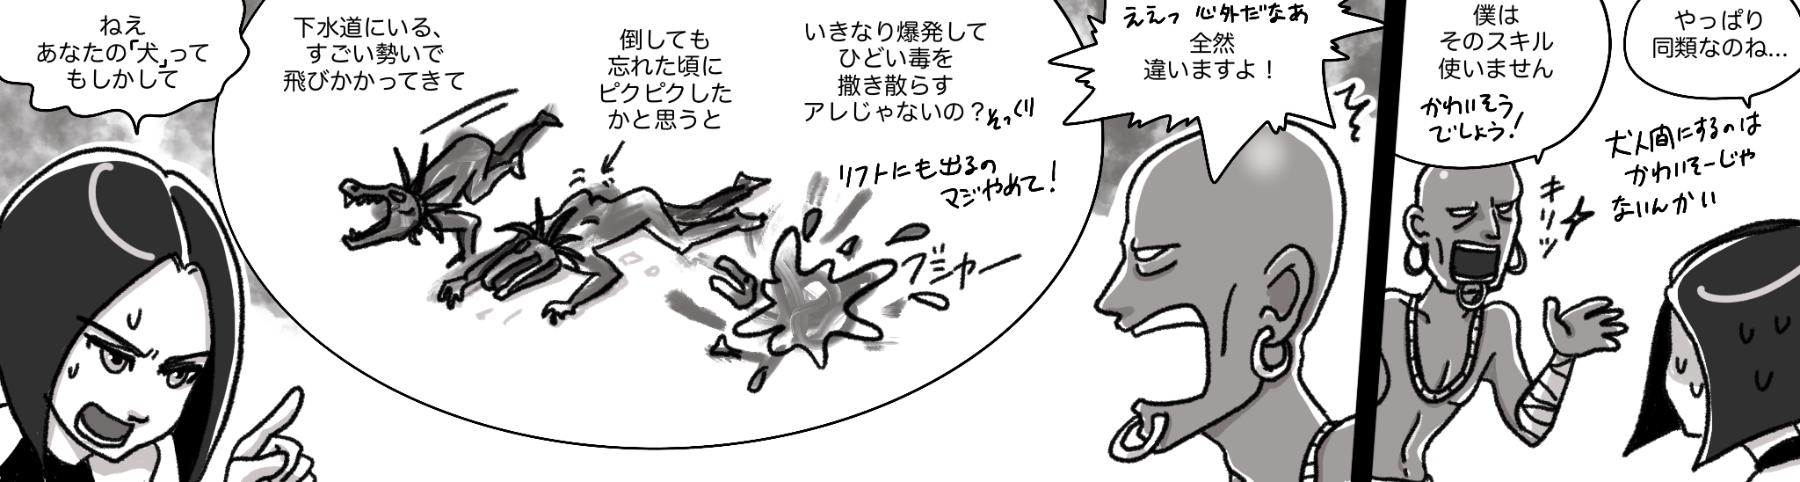 ディアブロ3漫画日記:ふんどしおじさんのペット談義2